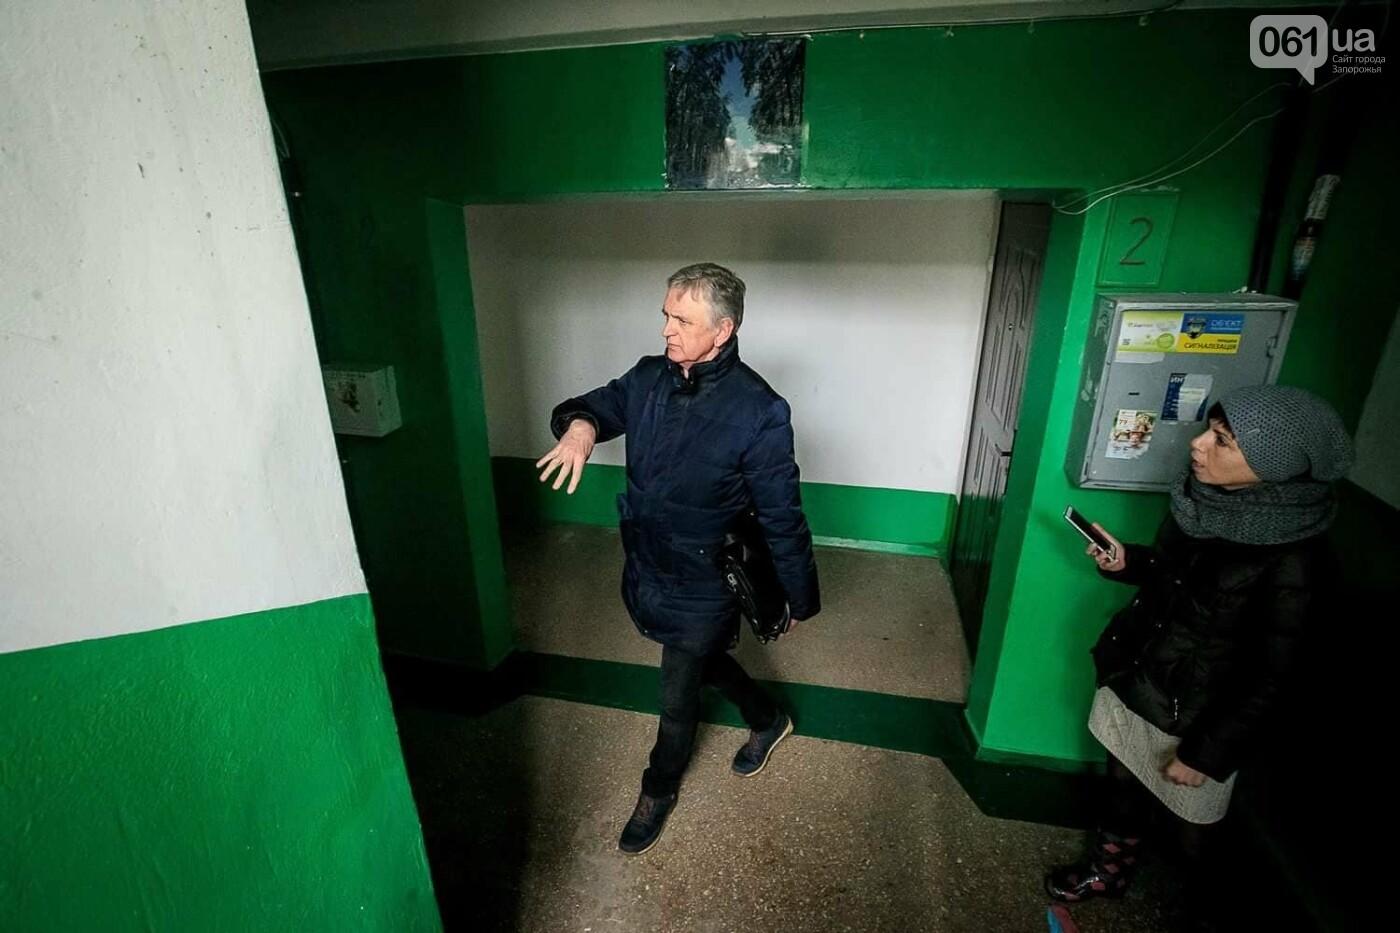 Сам себе хозяин: как запорожские ОСМД занимаются энергосбережением и значительно экономят на тарифах, — ФОТО, фото-52